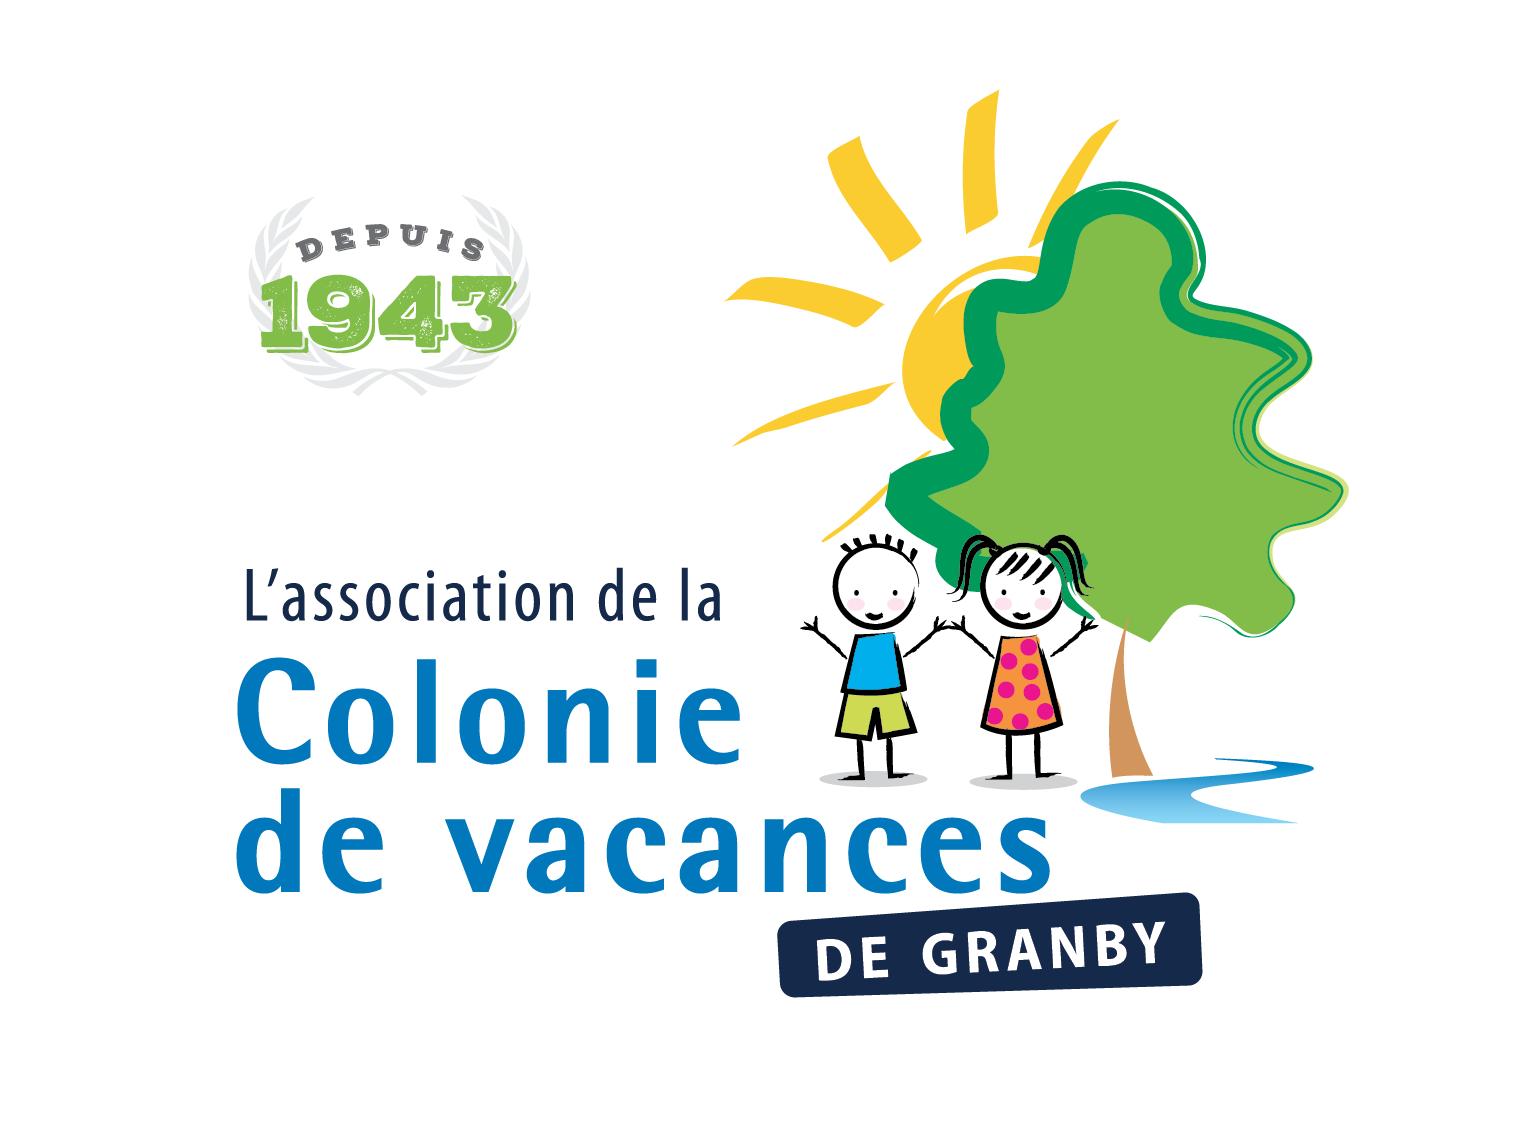 Association de la Colonie de vacances